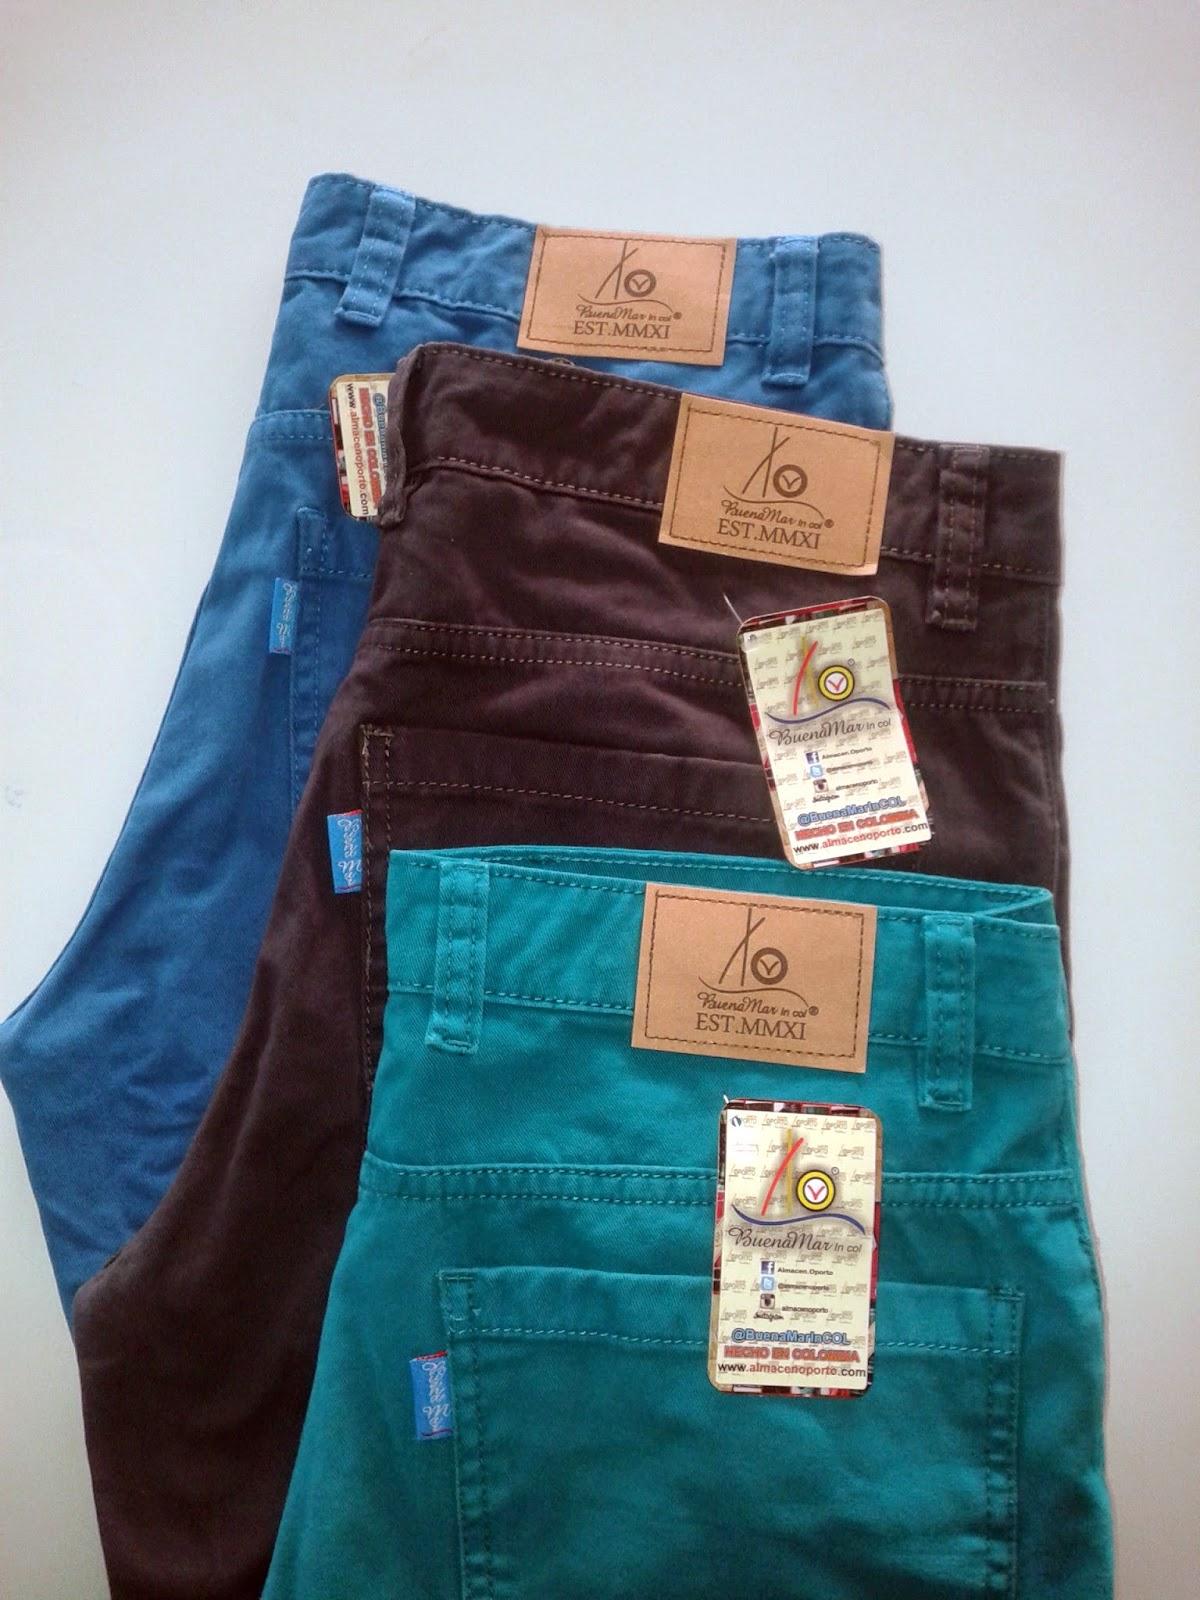 Nuestro almacén Ropa10 tienda online de ropa de  - imagenes de almacenes de ropa